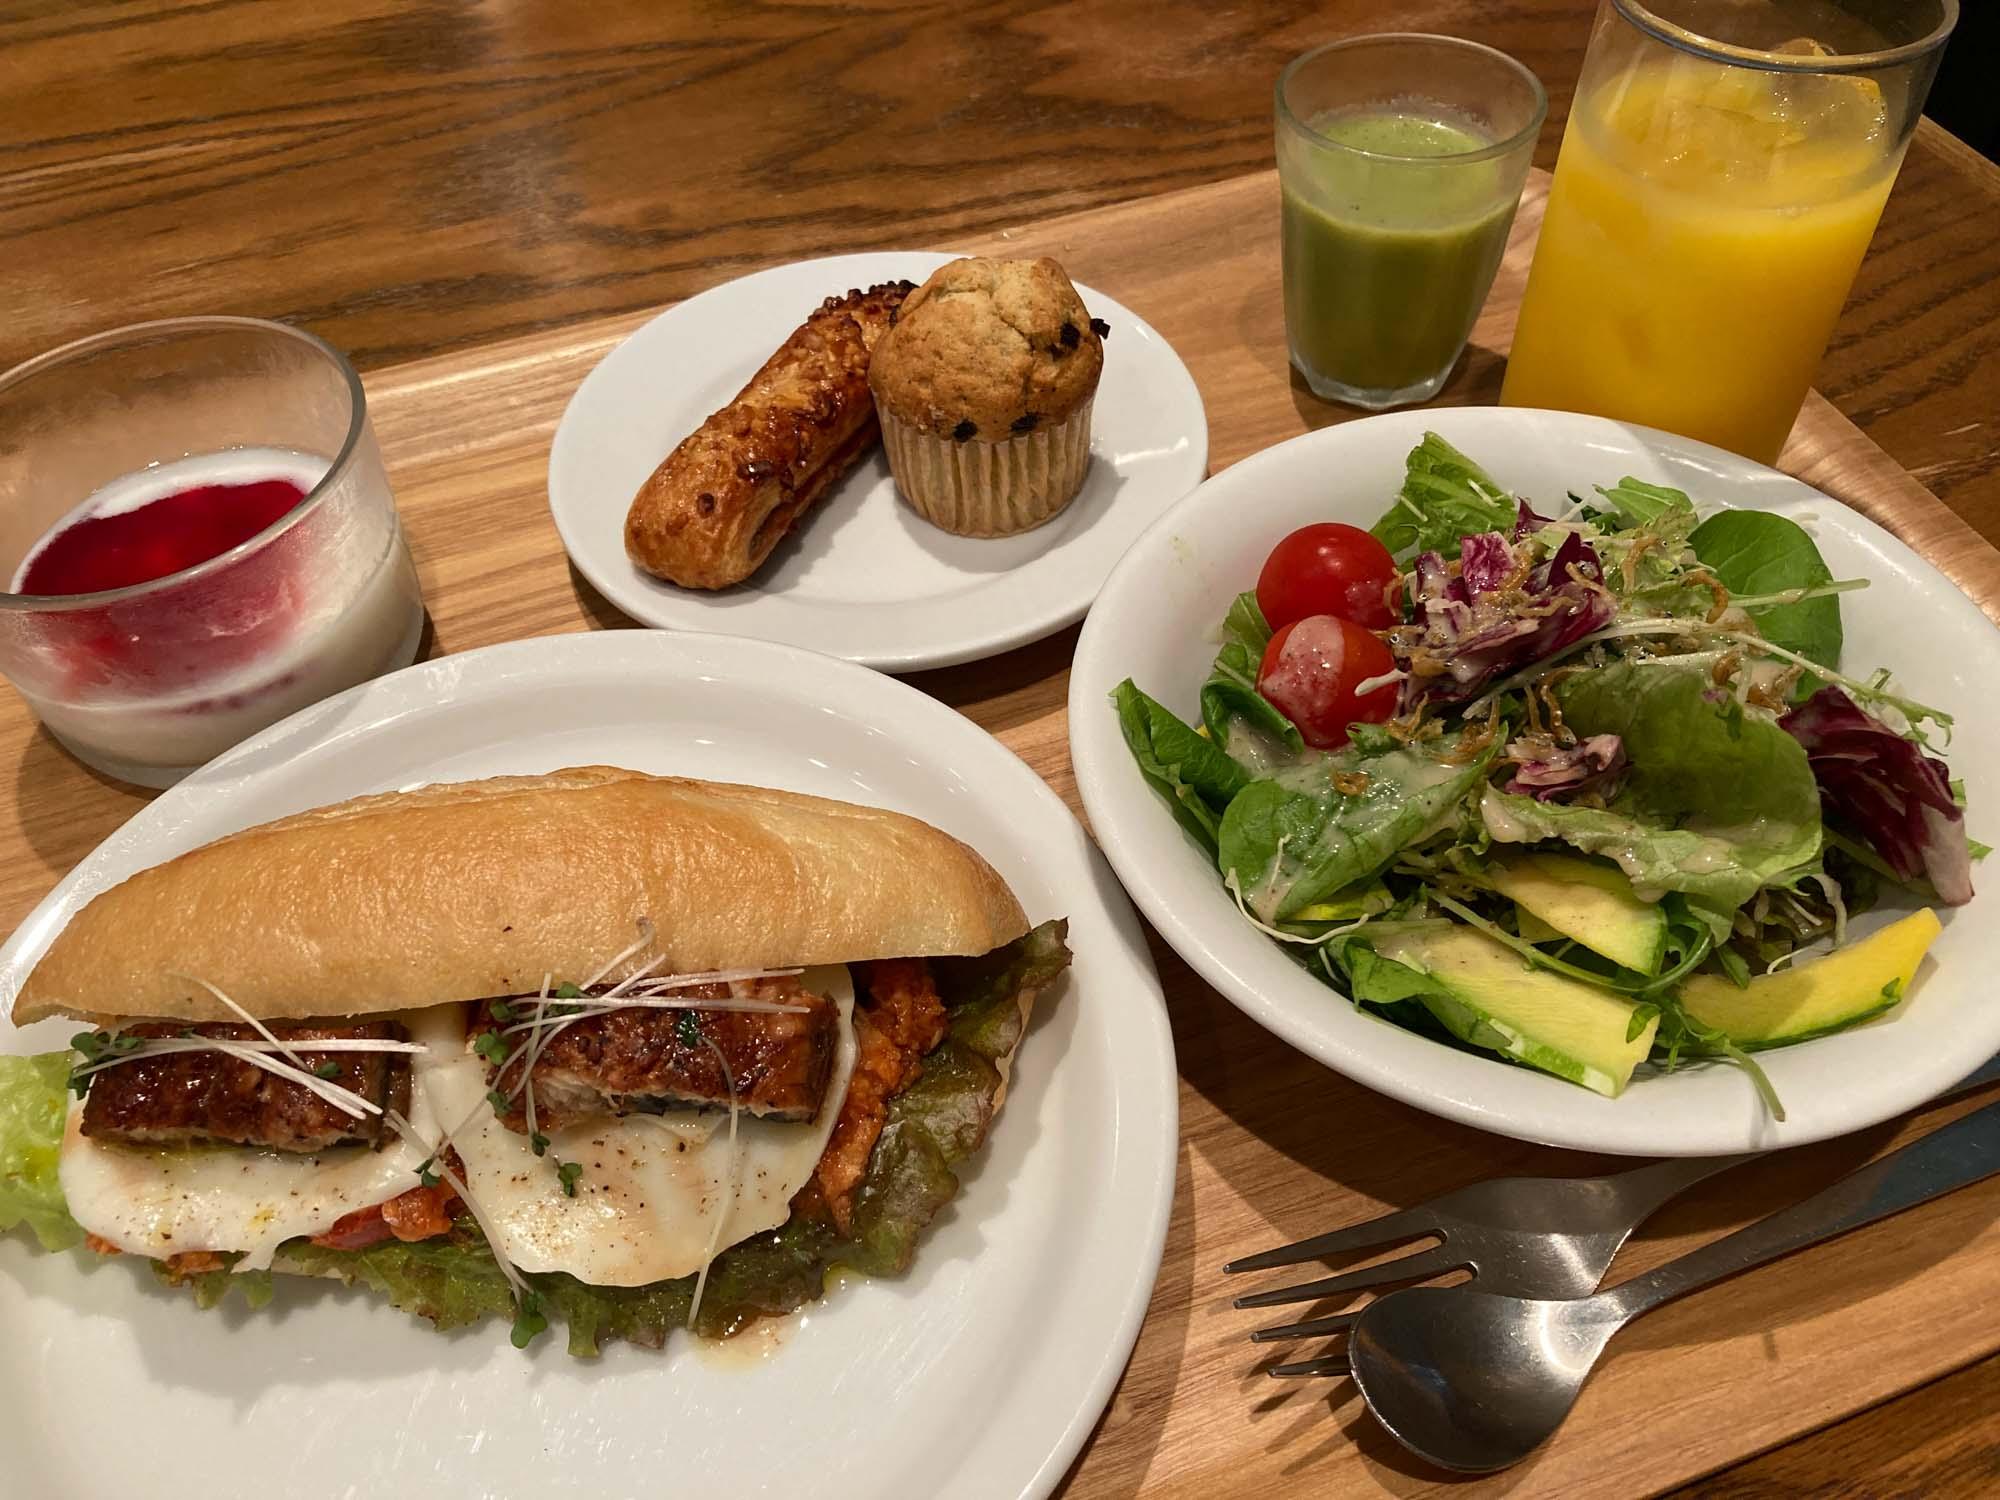 ここでもぜひ、朝食を味わってみてほしい。goodroom journal でも連載してくれている「坂ノ途中」さんの野菜をふんだんに使ったサンドイッチやサラダ、スムージーなど、朝から元気をもらえる盛りだくさんな内容です。